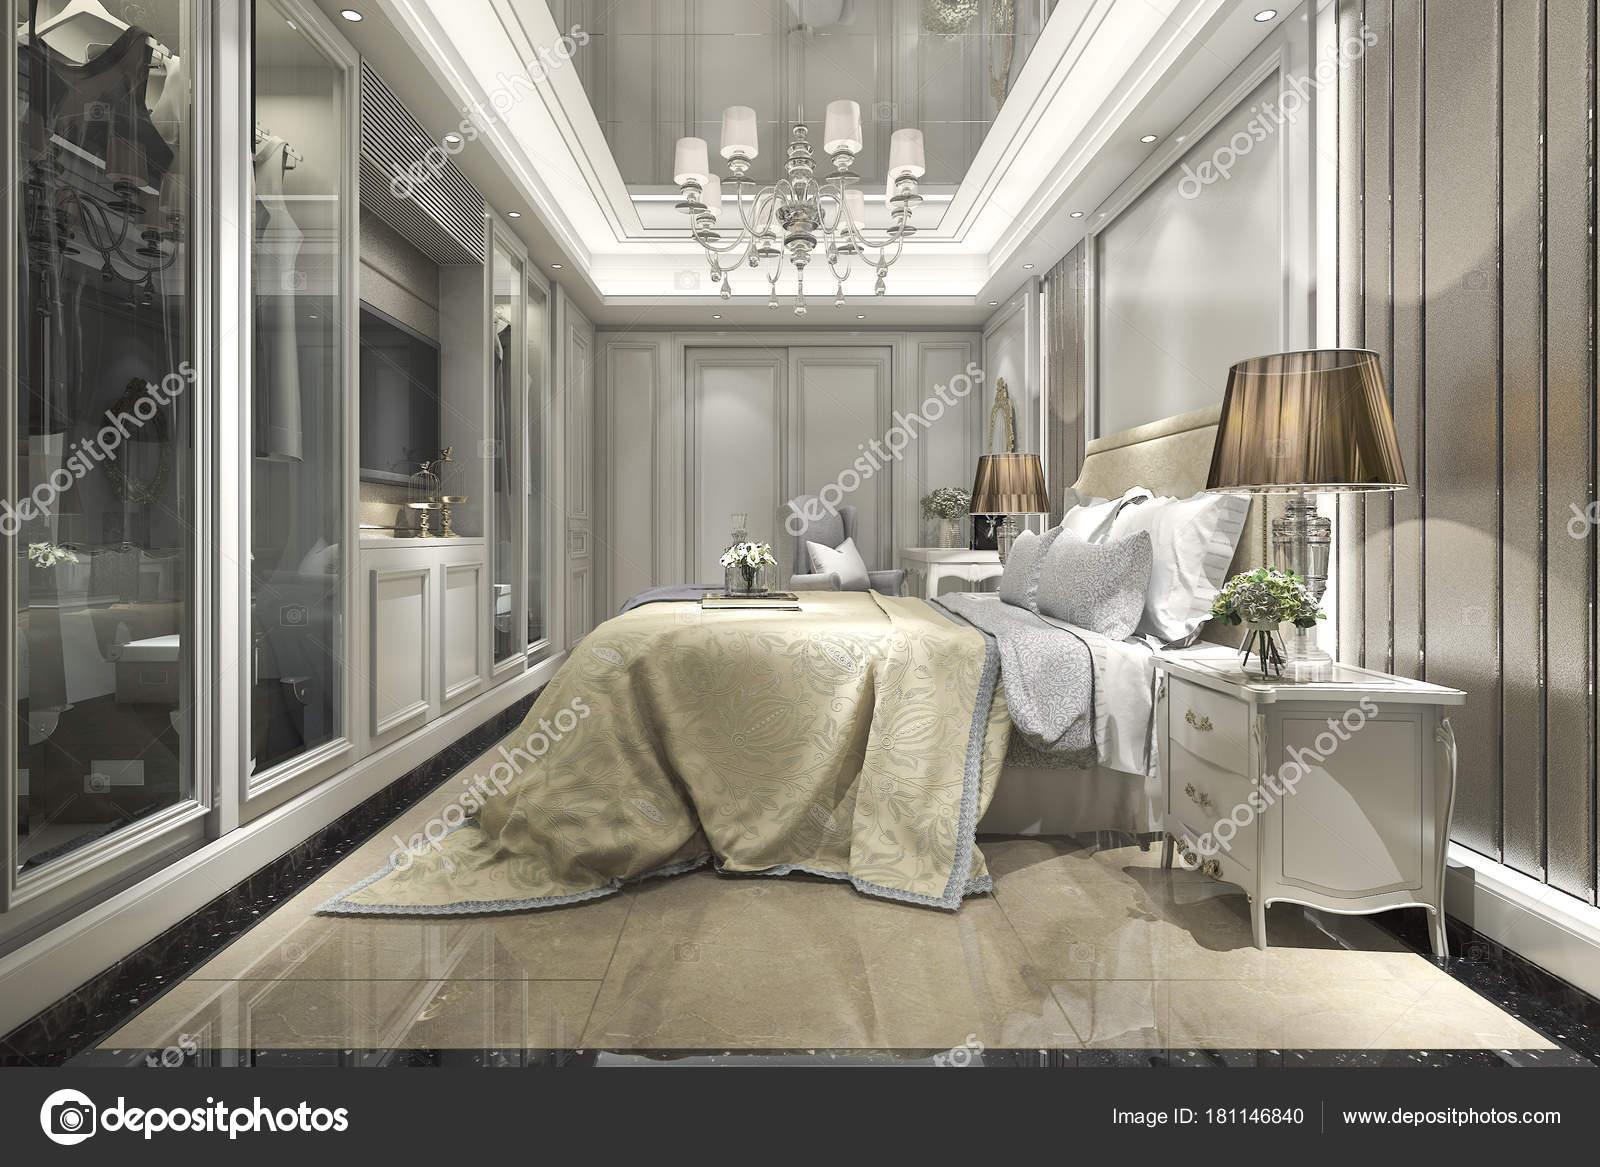 3D Rendu Luxe Moderne Classique Chambre Avec Dressingu2013 Images De Stock  Libres De Droits